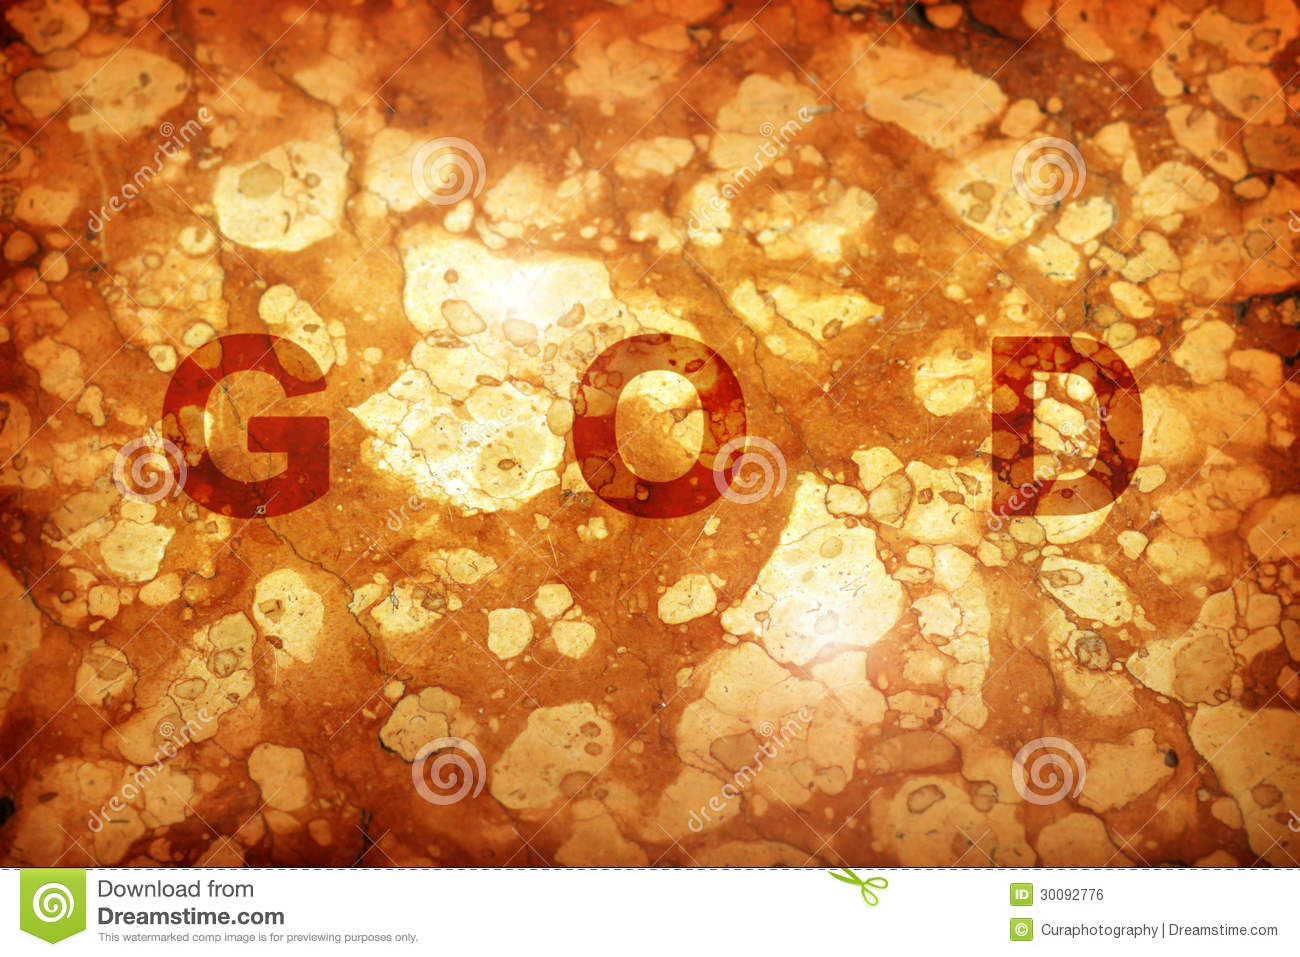 God Background Royalty Free Stock Image - Image: 30092776